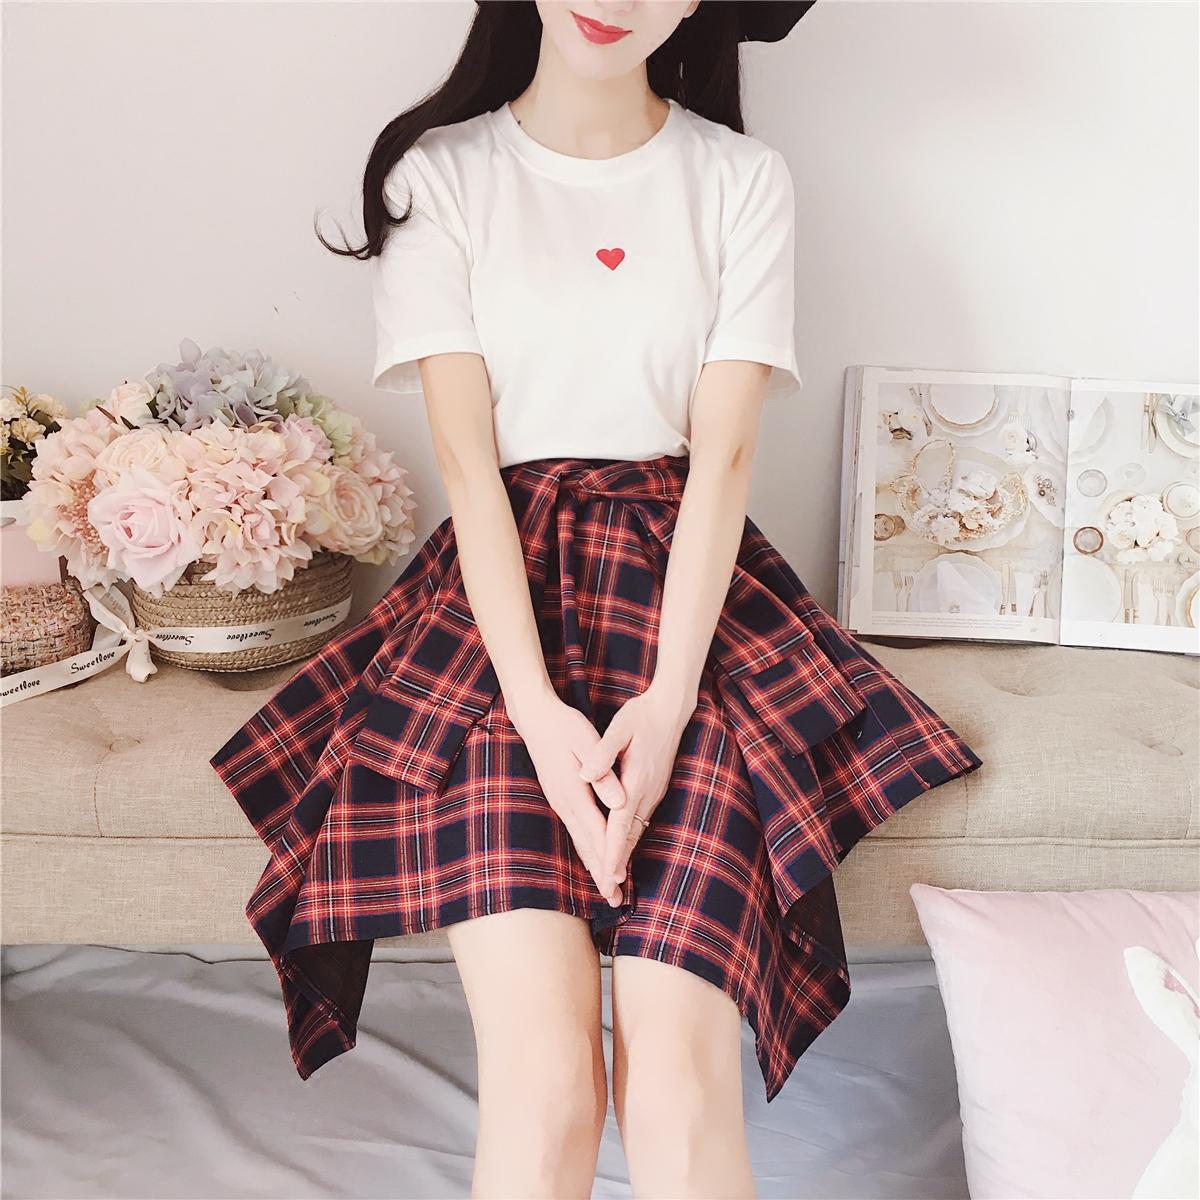 夏季女新款爱心T恤拼接不规则苏格兰格子短袖连衣裙日韩学生女装